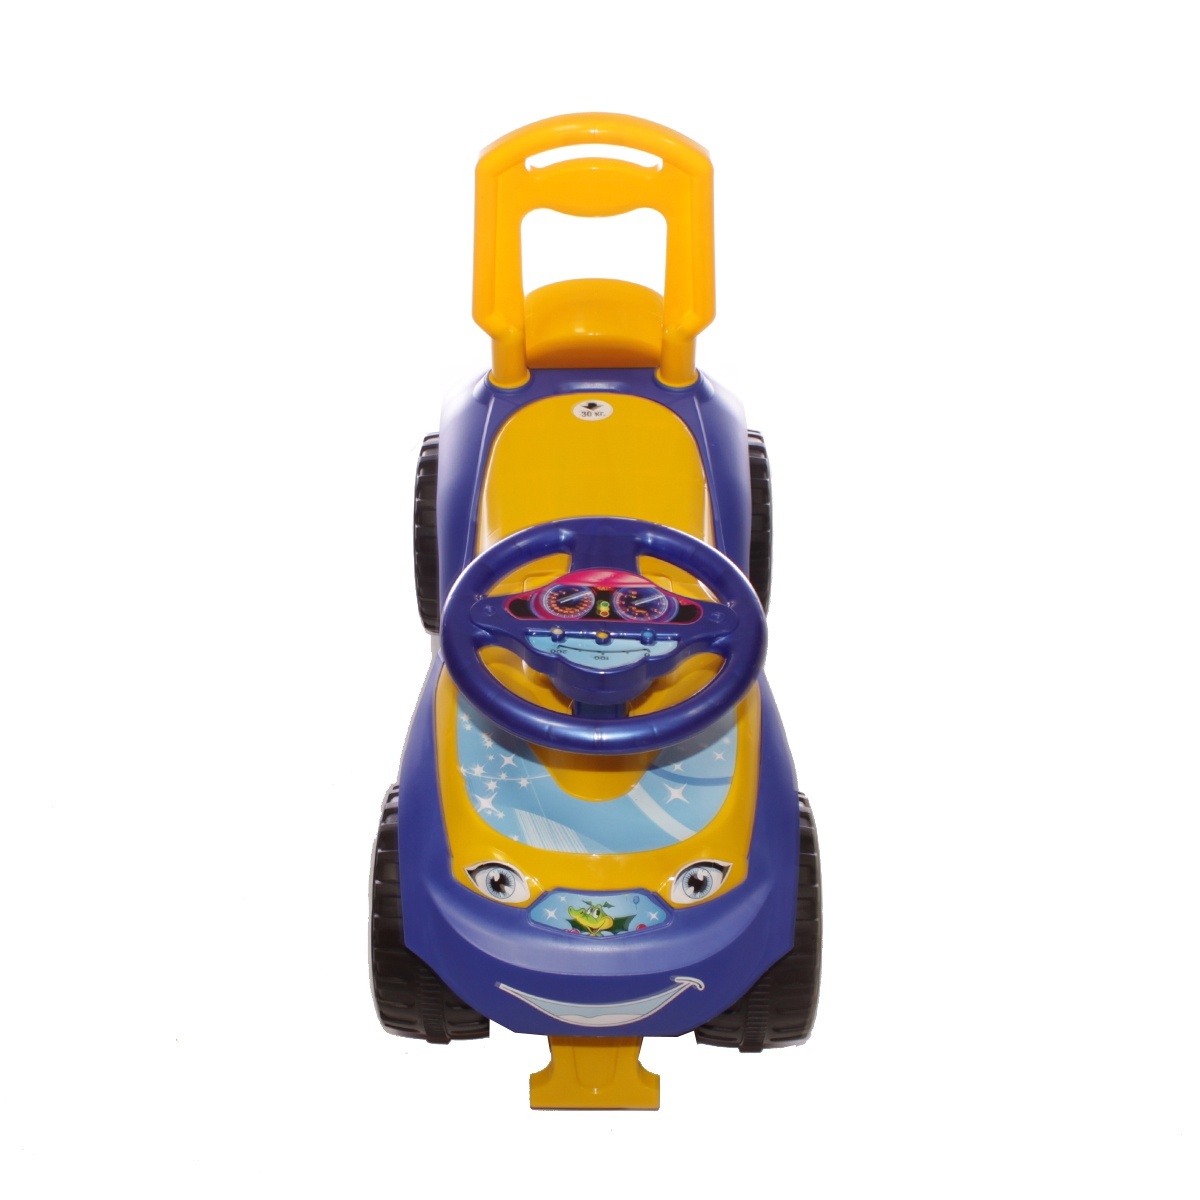 Каталка Doloni Толокар, 0119/04 синий, желтый детская горка doloni развлечение желтый синий